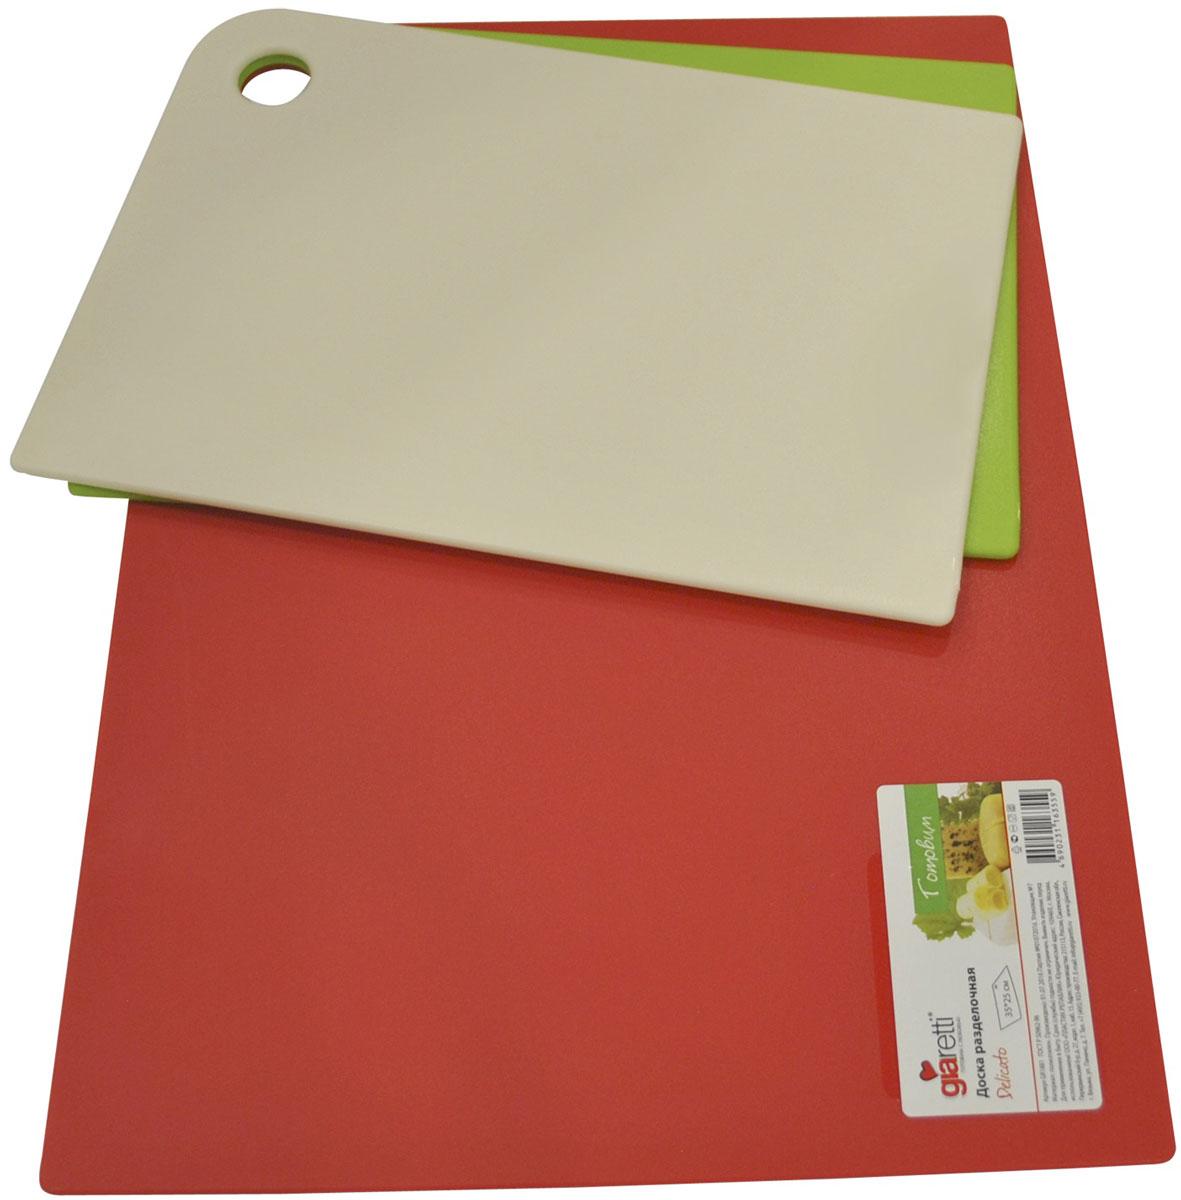 Набор разделочных досок Giaretti Trio, гибкие, цвет: оливковый, сливочный, красный, 3 предметаGR1886МИКСМаленькие и большие, под хлеб или сыр, овощи или мясо. Разделочных досок много не бывает. Giaretti предлагает новинку – гибкие доски.Преимущества:-не скользит по поверхности стола - вы можете резать продукты и не отвлекаться на мелочи; -удобно использовать - на гибкой доске вы сможете порезать продукты, согнув доску переложить их в блюдо и не рассыпать содержимое;-легкие доски займут мало места на вашей кухне;-легко моются в посудомоечной машине; -оптимальный размер доски позволят вам порезать небольшой кусок сыра или нашинковать много овощей. Набор Trio специально создан для разных типов продуктов, которые обозначены цветом. Очень удобно: мясо и свежую рыбу вы режете на большой красной доске, овощи - на зеленой, сыр и хлеб - на доске цвета слоновая кость. В набор входит три доски: 25 x 17 см (2 шт), 35 x 25 см (1 шт).